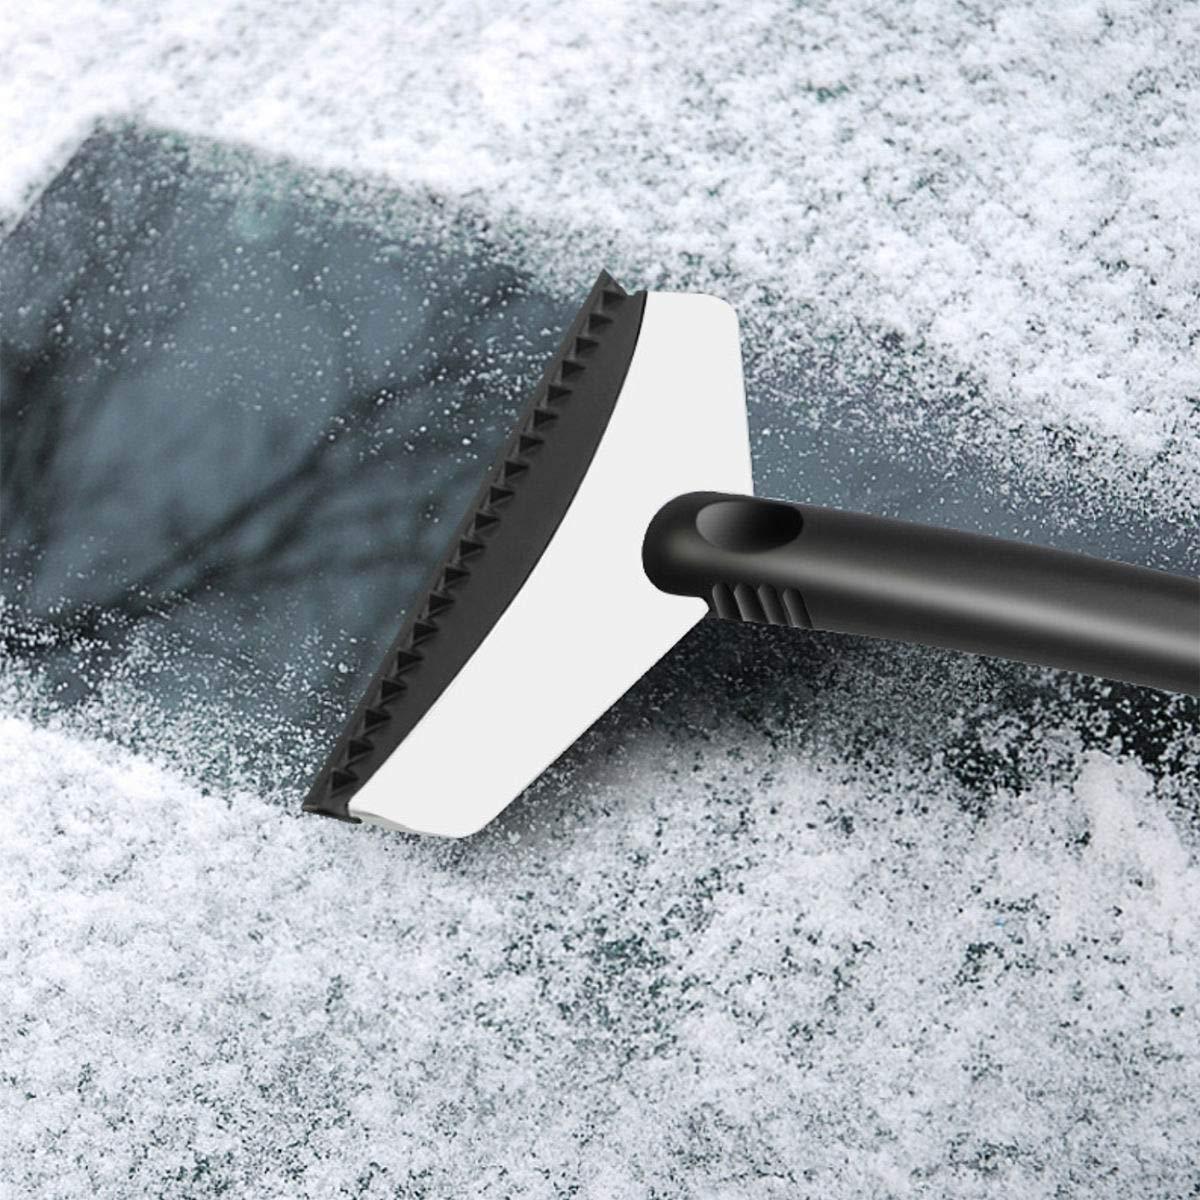 Raschietto per ghiaccio e neve di emergenza per inverno in acciaio INOX per pulizia vetro dell/'auto pulizia e rimozione della neve